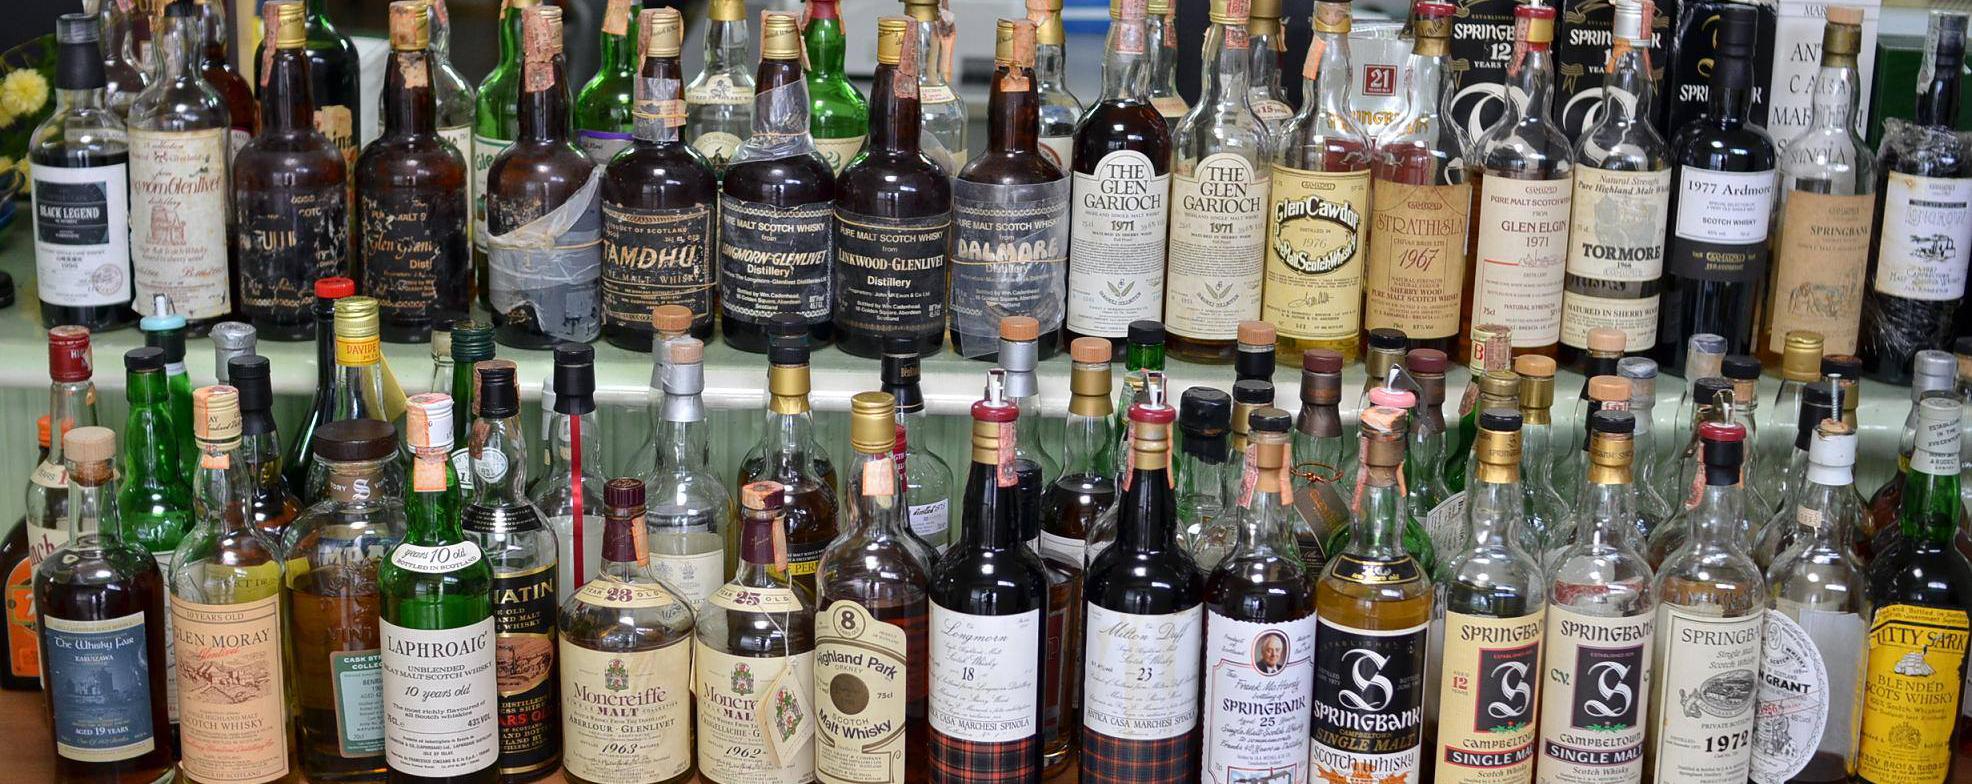 2015年のウイスキー界隈を振り返る ウイスキー資格試験にひそむ危険